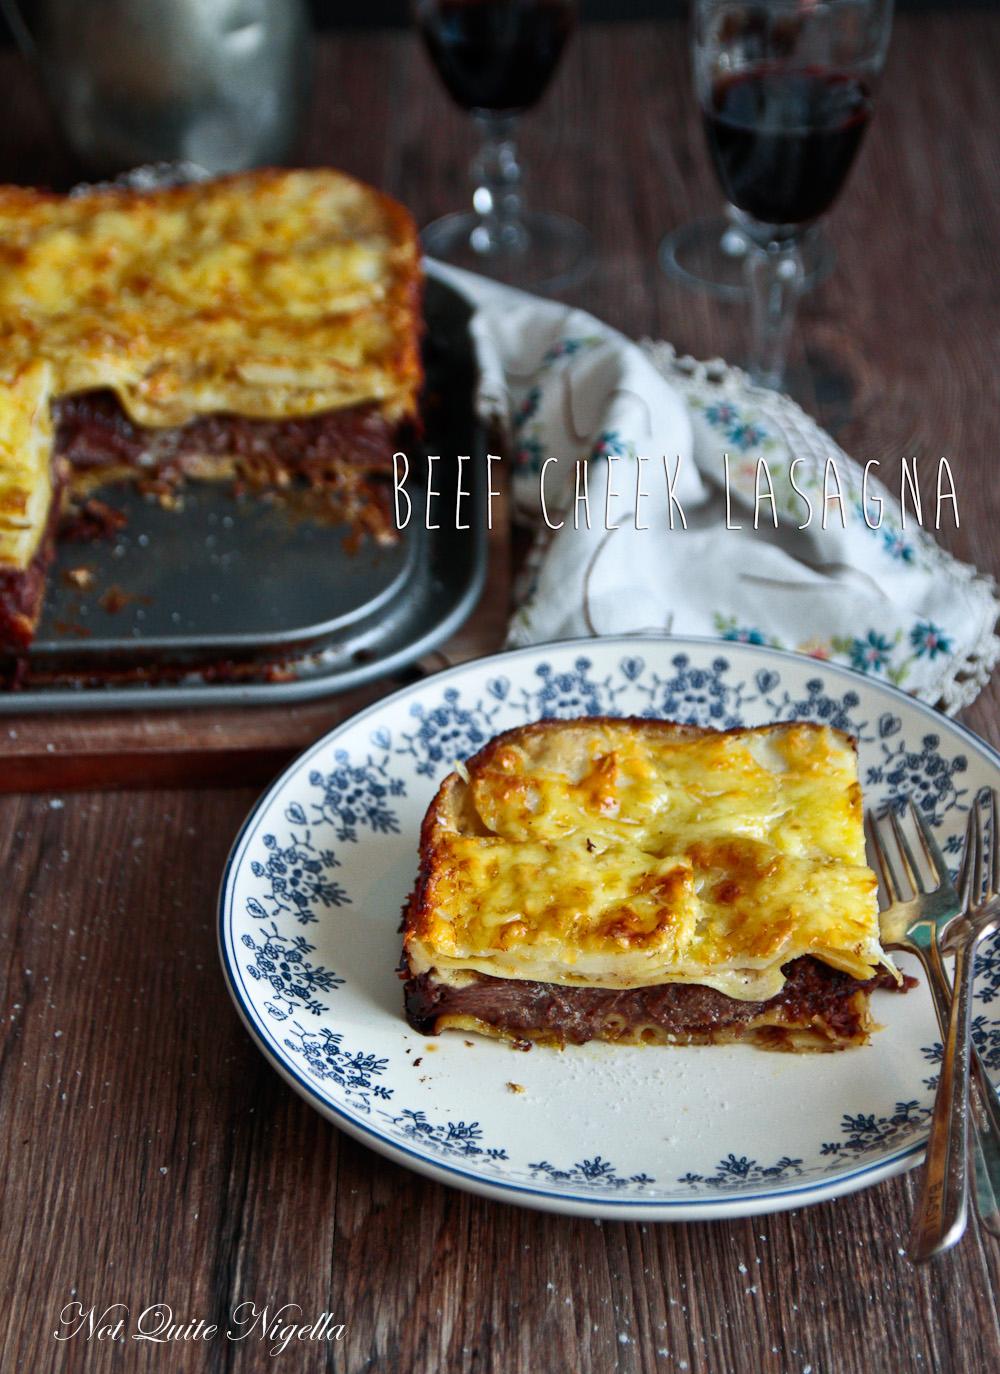 Beef Cheek Lasagna